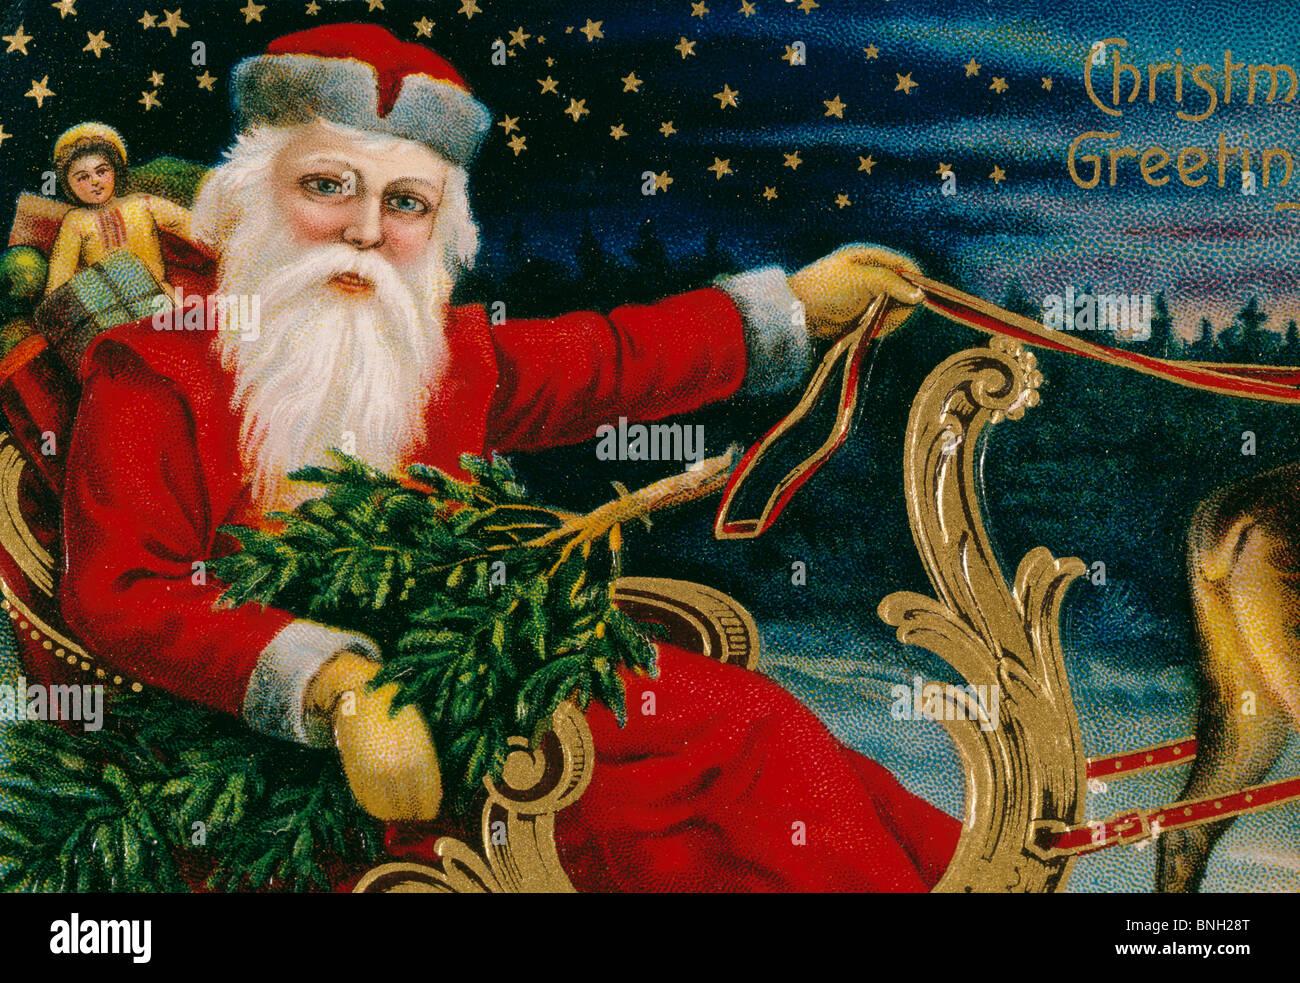 Christmas Greetings, Nostalgia Cards Stock Photo